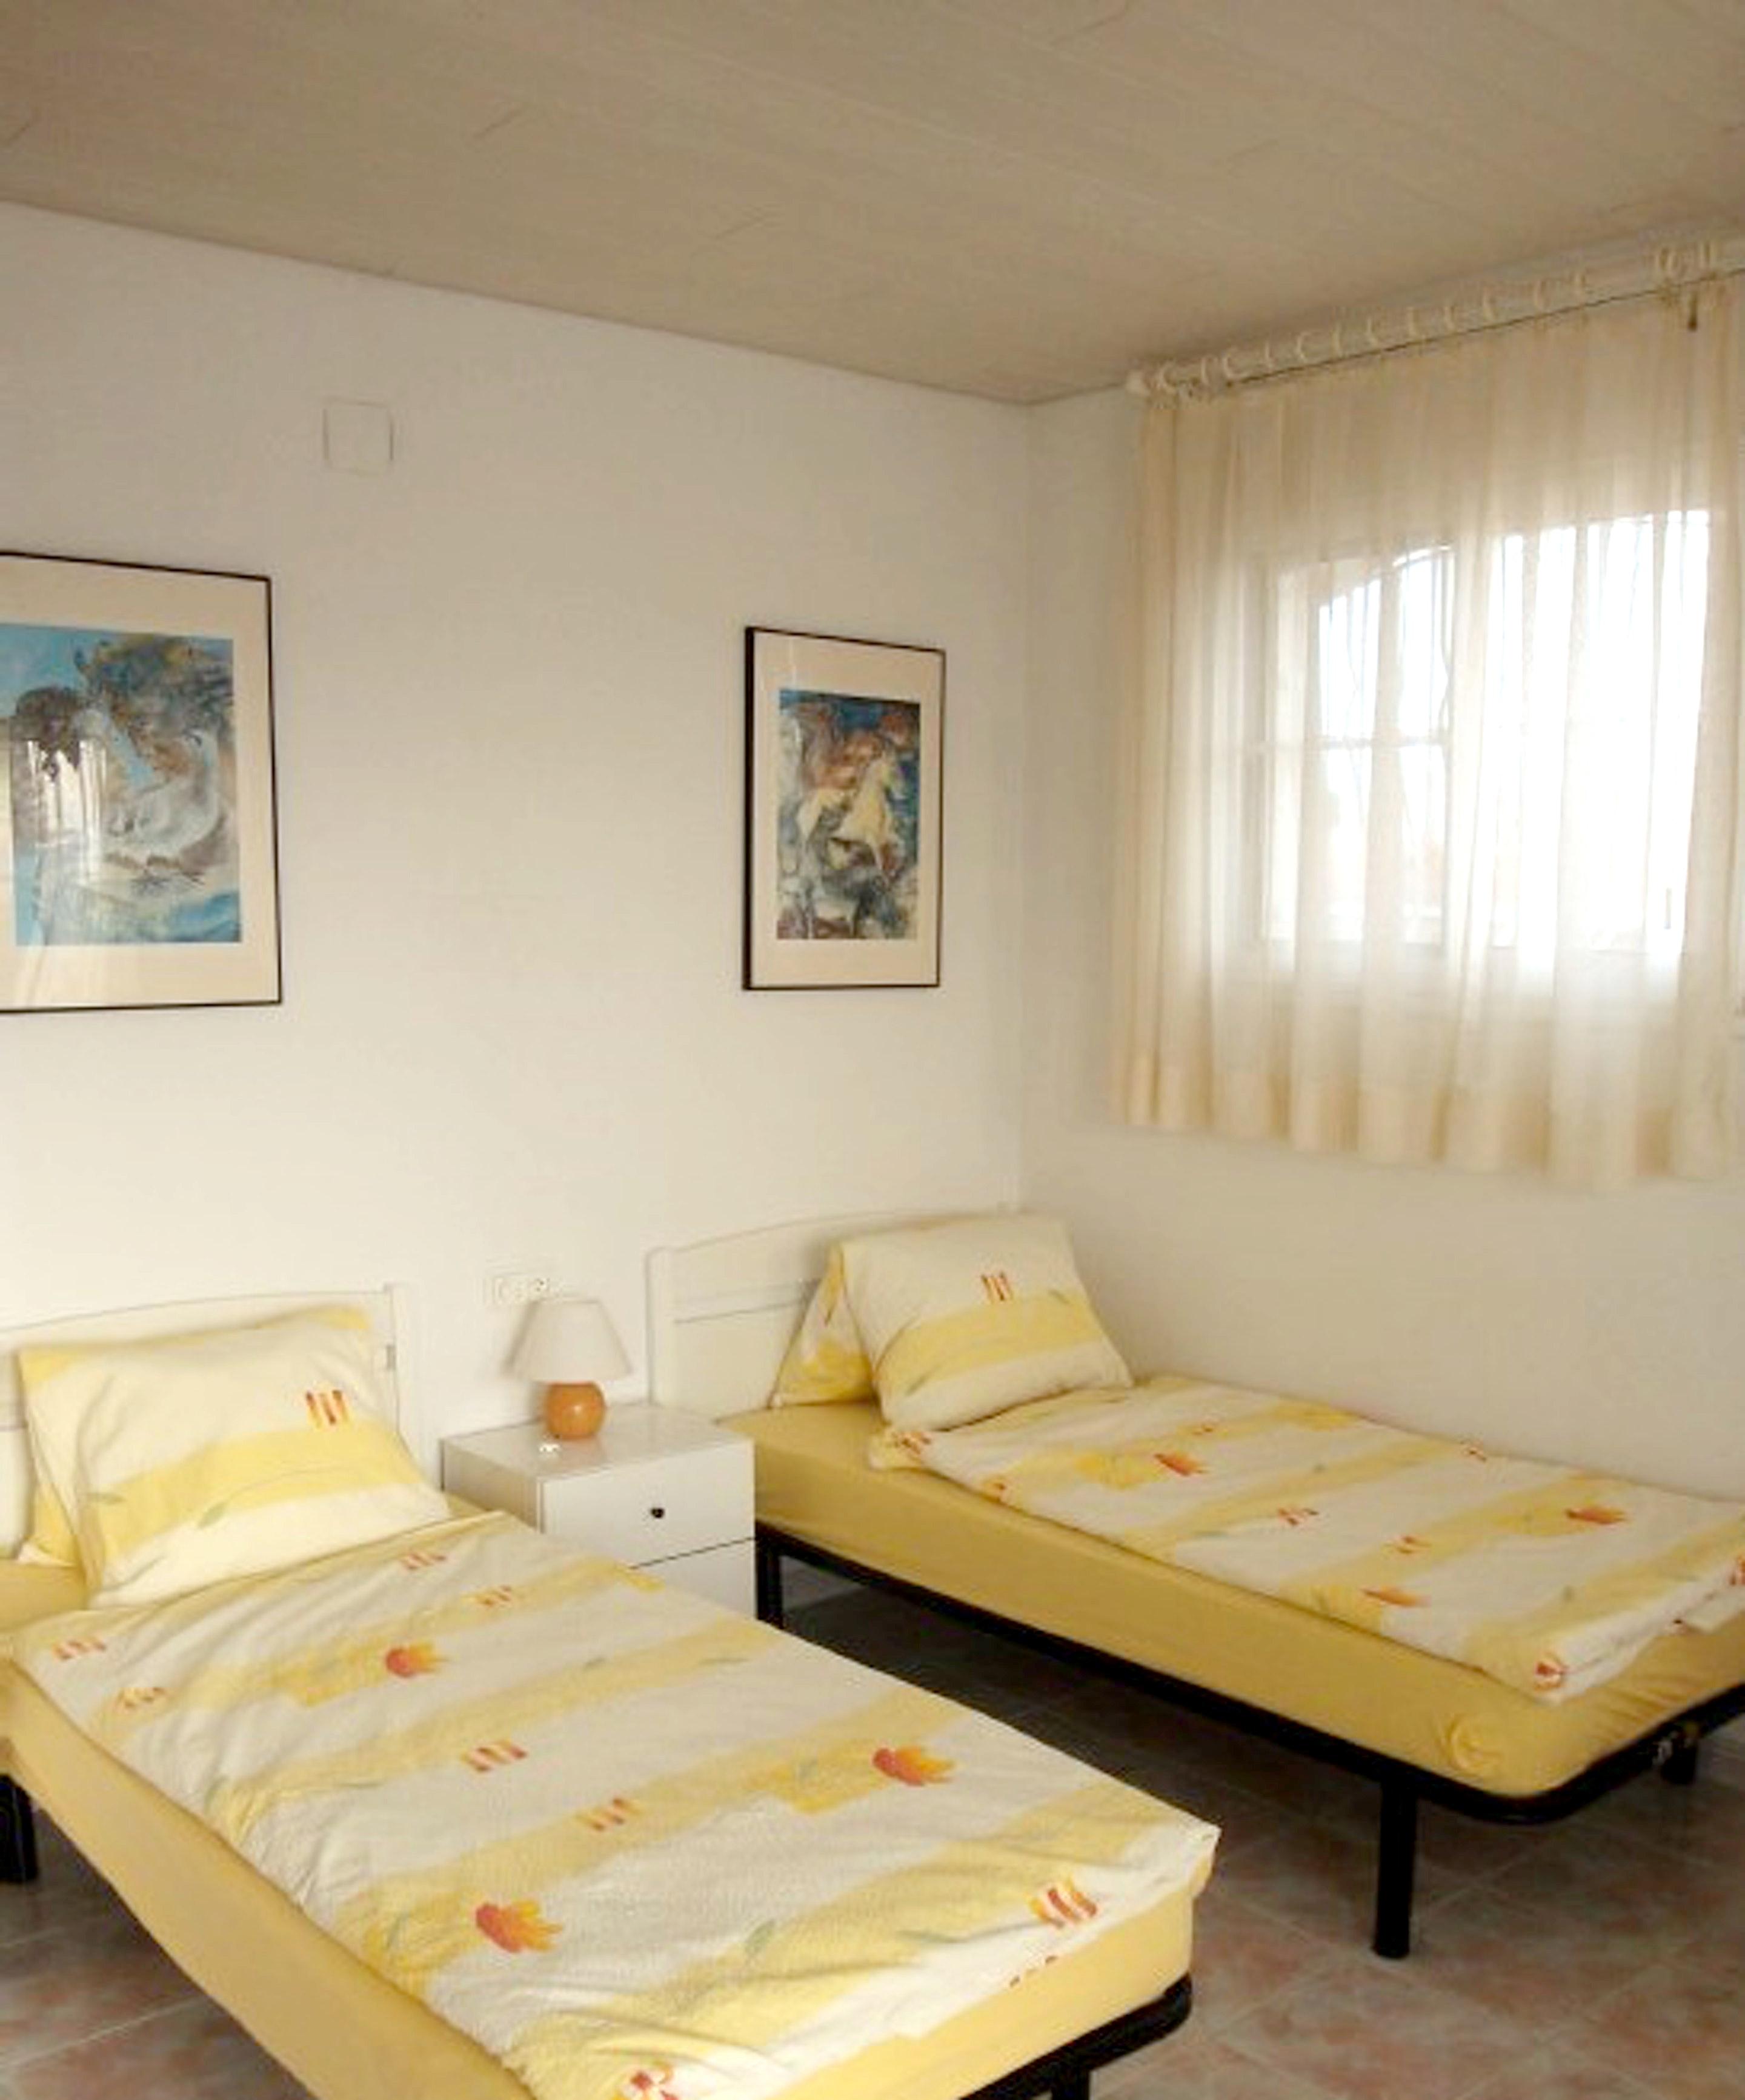 Ferienhaus Villa mit 3 Schlafzimmern in Ampolla mit herrlichem Meerblick, privatem Pool, möbliertem G (2201037), L'Ampolla, Costa Dorada, Katalonien, Spanien, Bild 21